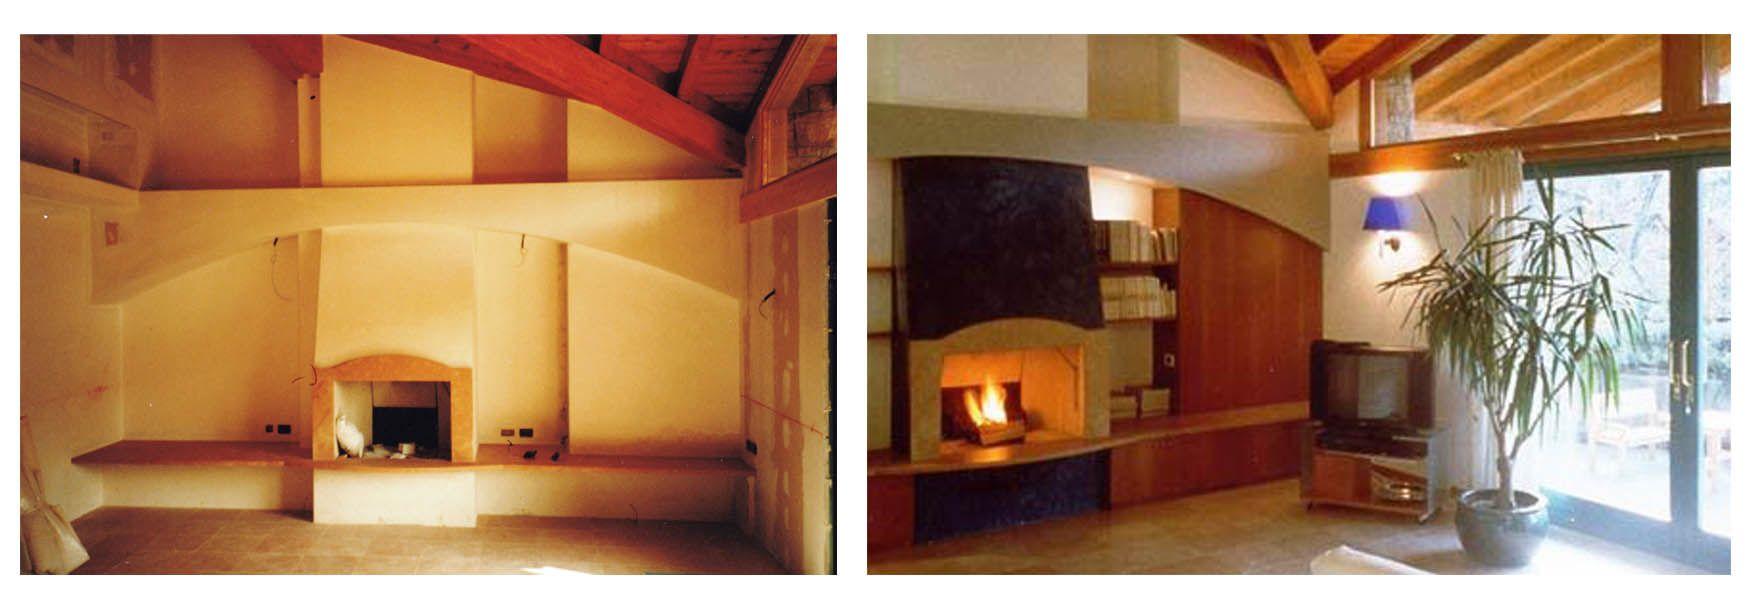 Ristrutturazione e arredo villa unifamiliare camino come for Arredamento moderno ma caldo